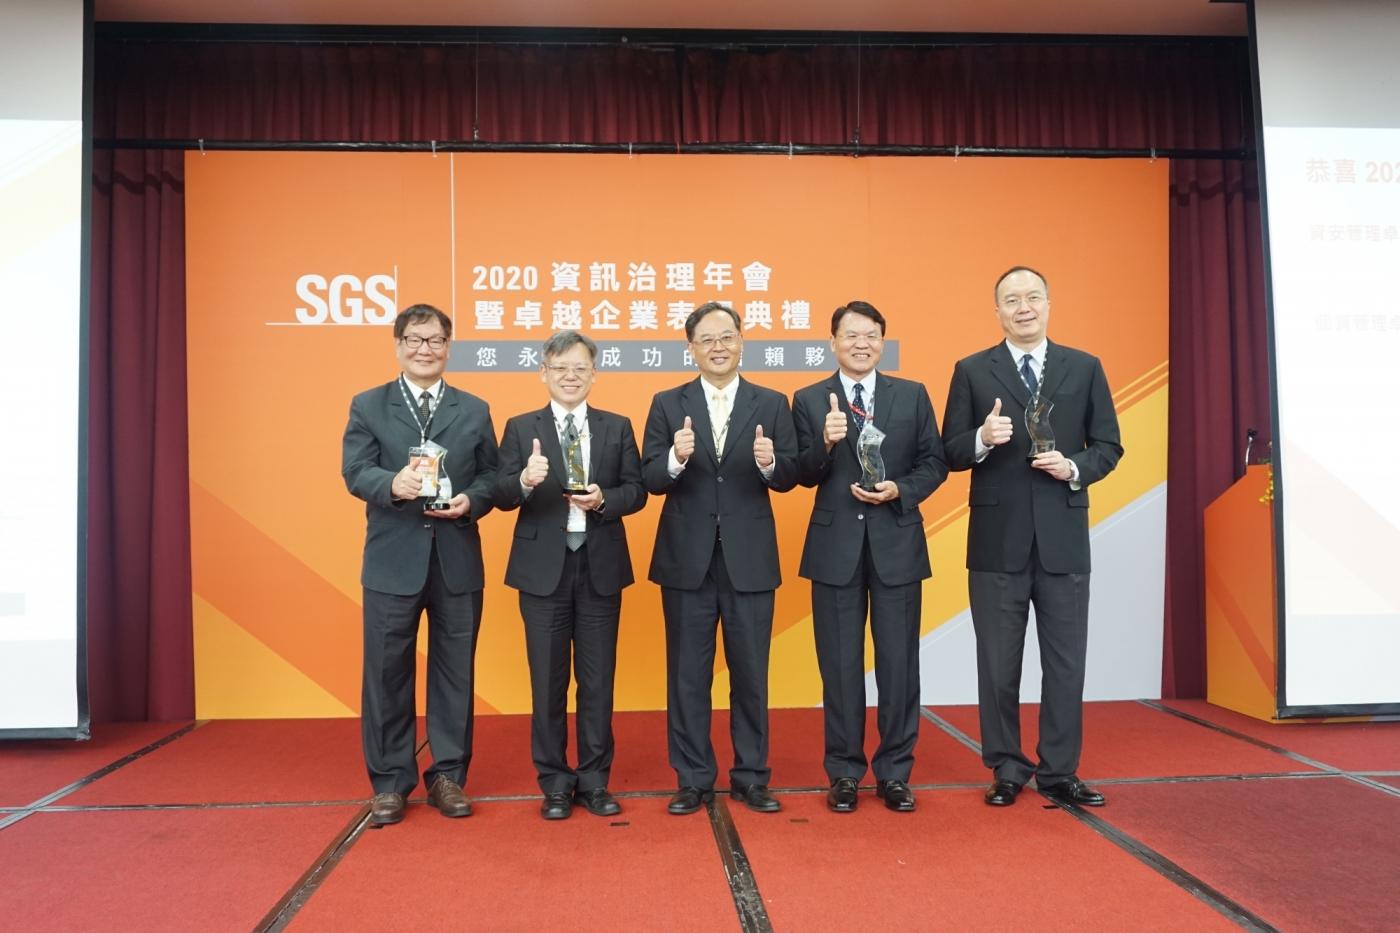 2020資訊治理年會登場!SGS揭露第一手資安趨勢觀察